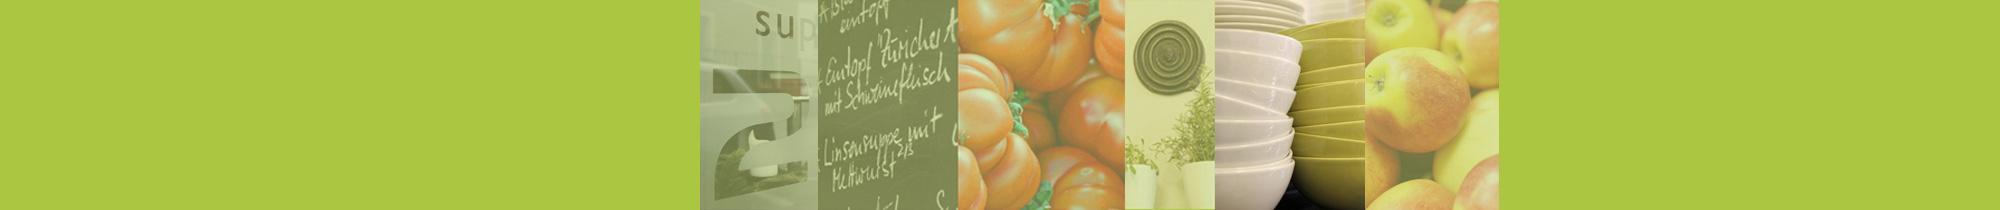 Zuppa - die Suppenbar in Trier